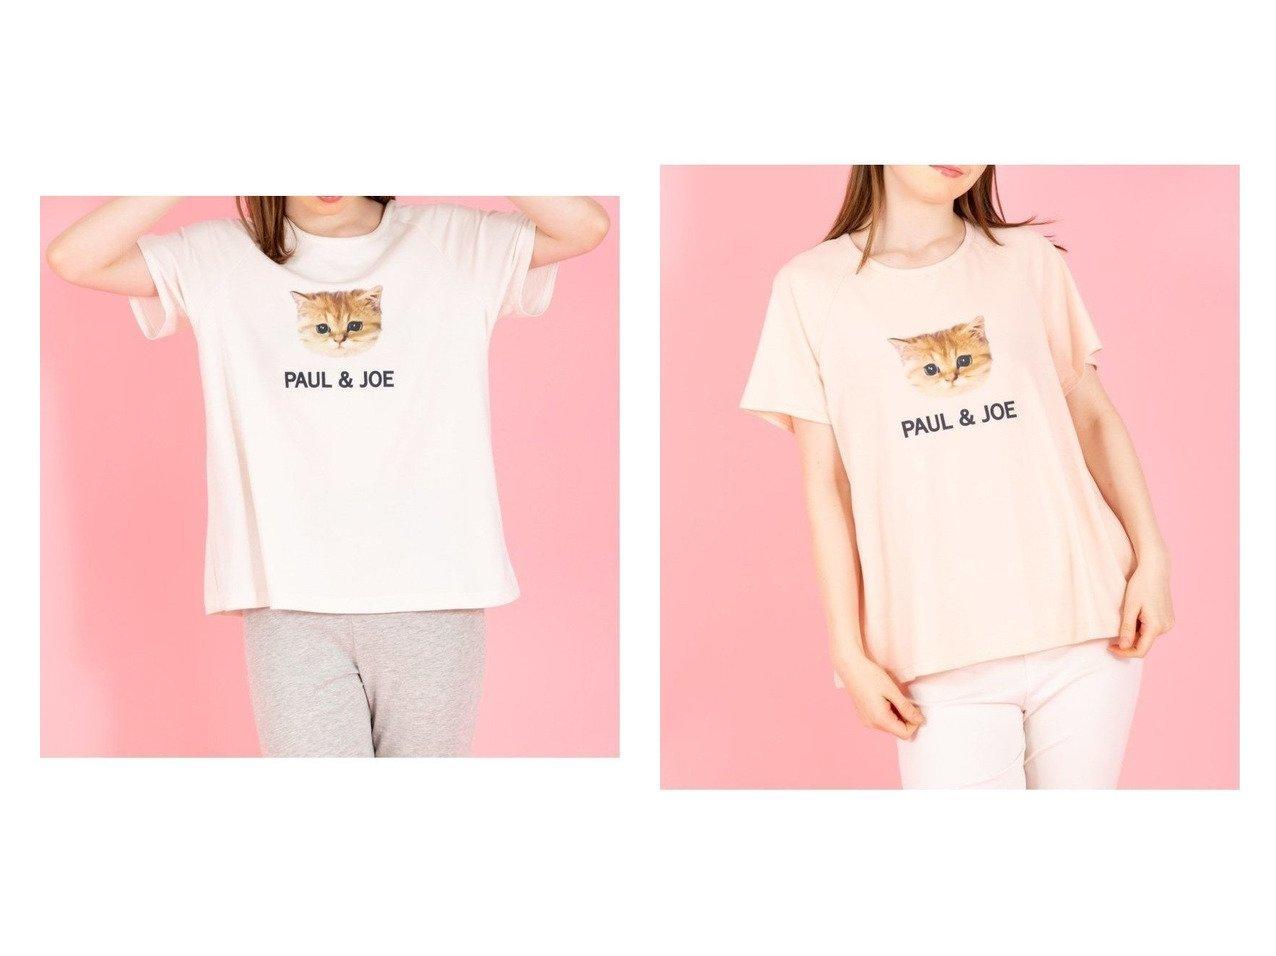 【PAUL & JOE/ポール & ジョー】のヌネット ロゴ Tシャツ キュートなヌネットにみつめられたい! おすすめ!人気、トレンド・レディースファッションの通販 おすすめで人気の流行・トレンド、ファッションの通販商品 インテリア・家具・メンズファッション・キッズファッション・レディースファッション・服の通販 founy(ファニー) https://founy.com/ ファッション Fashion レディースファッション WOMEN トップス・カットソー Tops/Tshirt シャツ/ブラウス Shirts/Blouses ロング / Tシャツ T-Shirts カットソー Cut and Sewn カットソー シンプル プリント ボトム 定番 Standard |ID:crp329100000061967